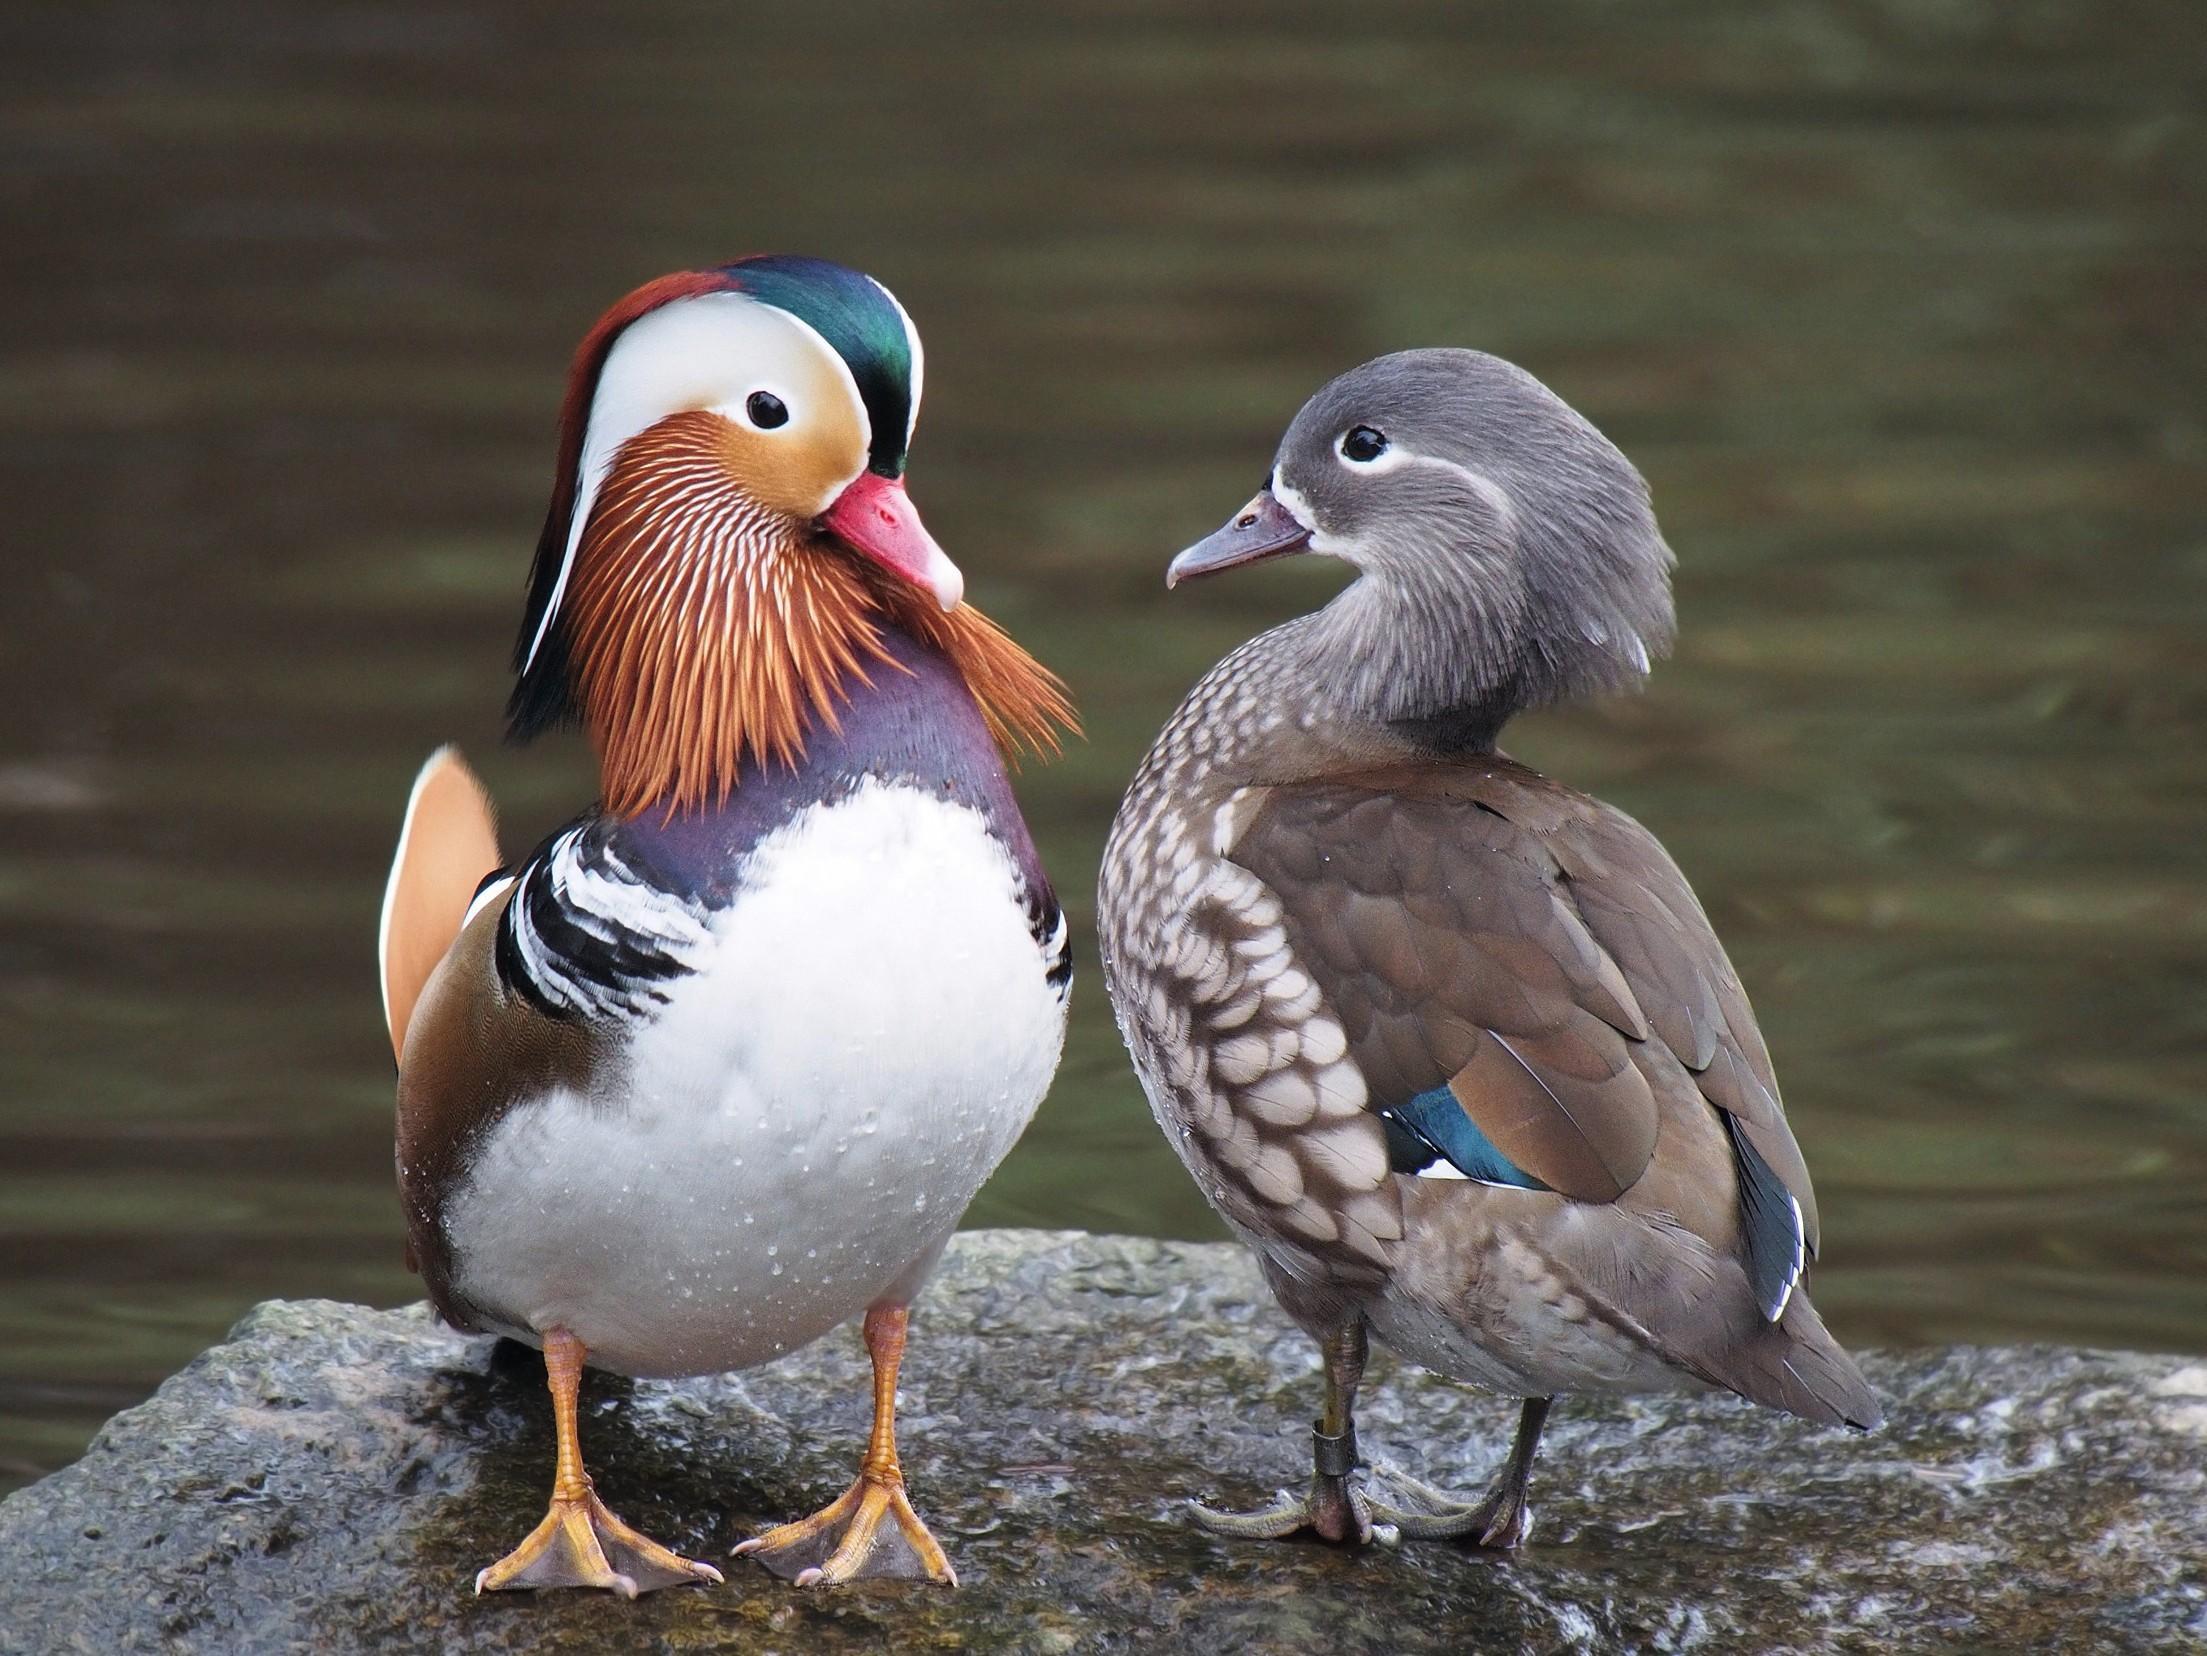 Canards mandarins mâle (à gauche) et femelle (à droite).